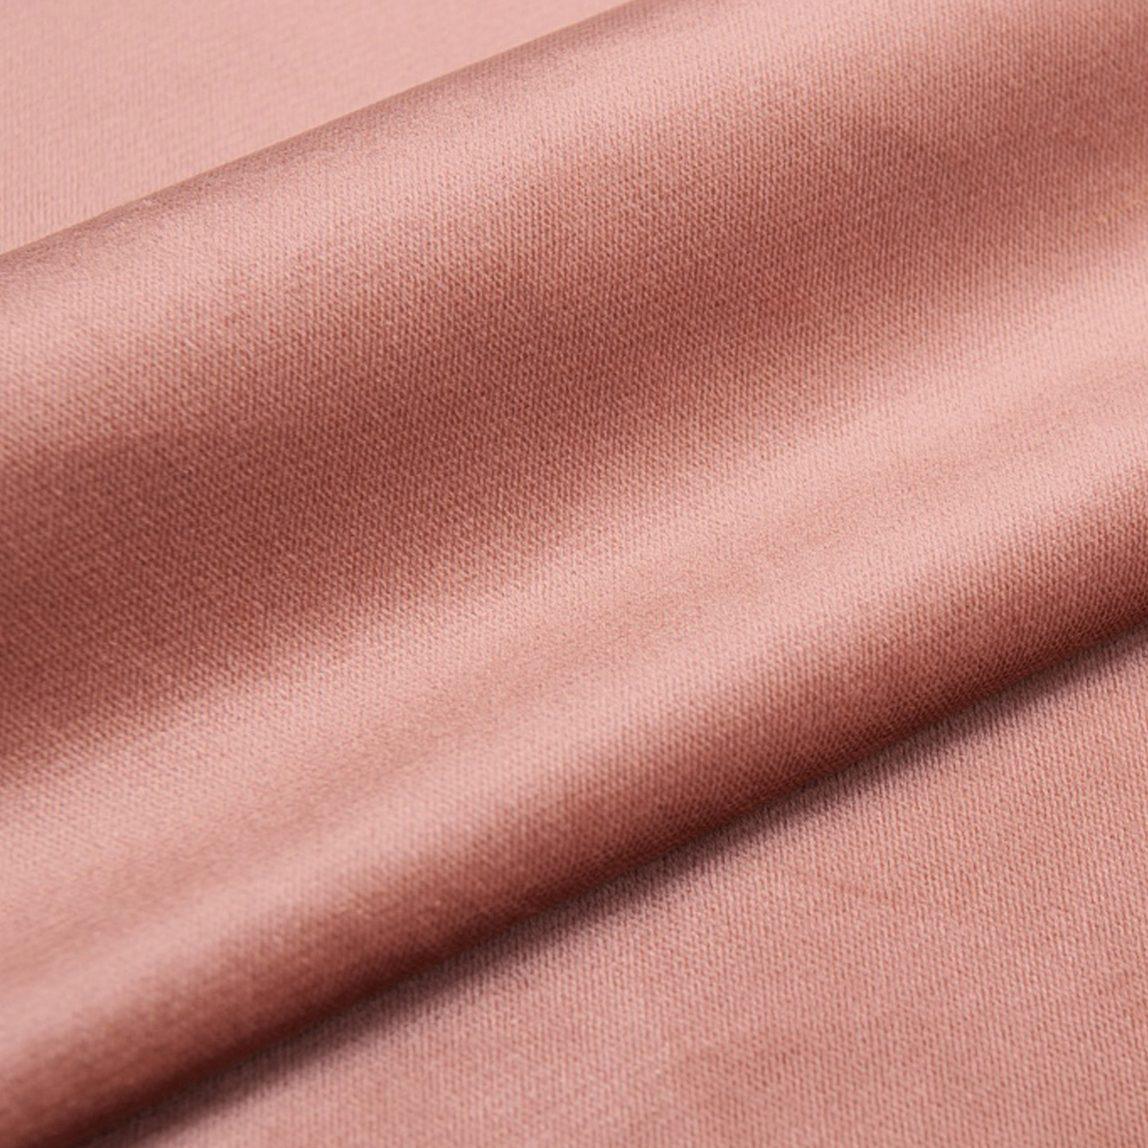 Мебельная обивочная ткань для дивана, кресла, стула, бархат велюр, качество, лавсит